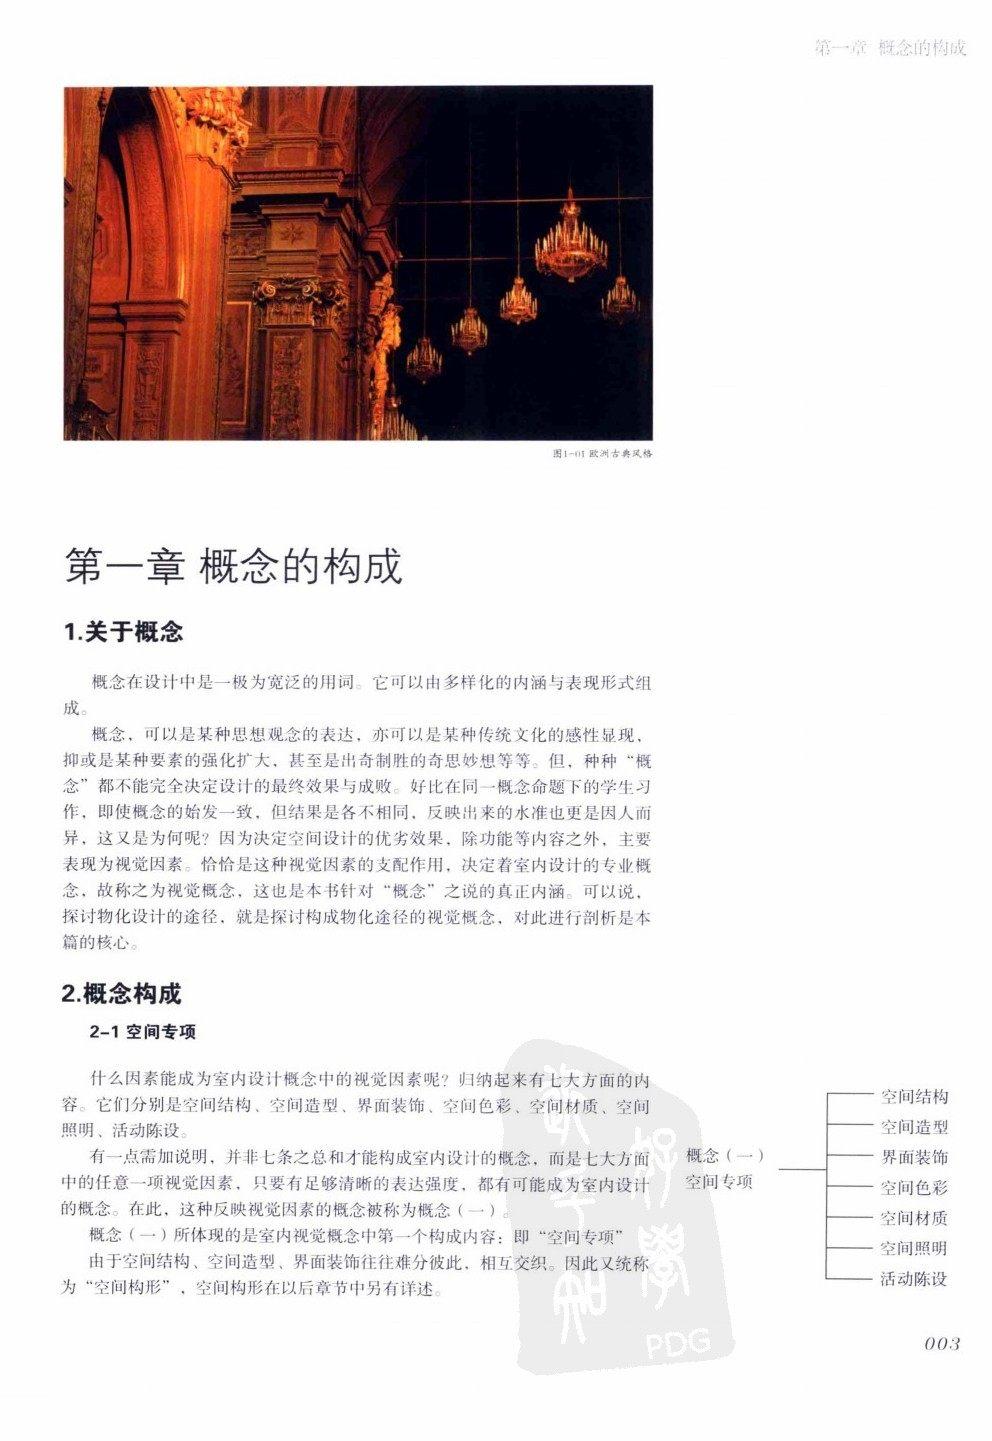 室内设计纲要++概念思考与过程表达_室内设计纲要  概念思考与过程表达_1297982..._页面_011.jpg